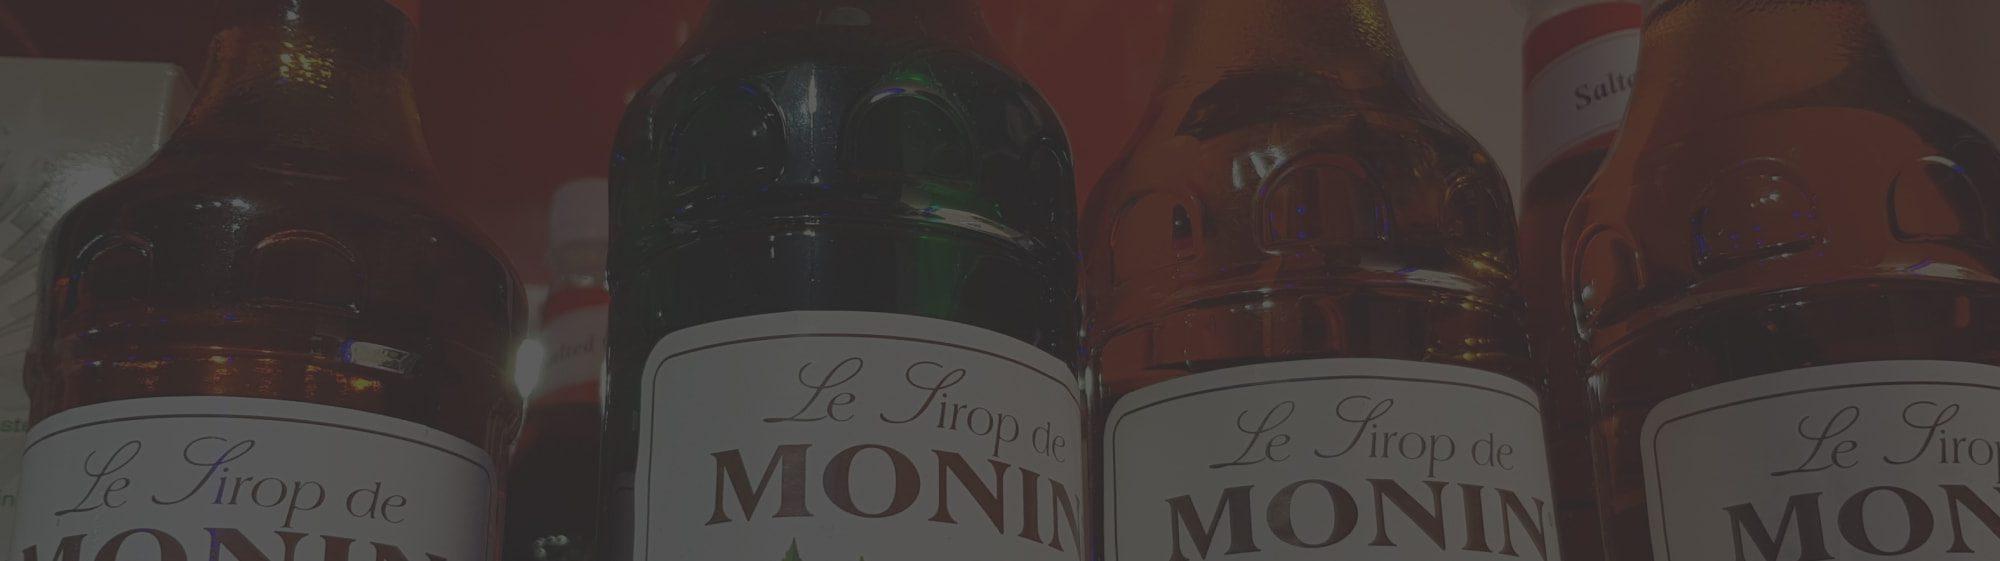 Monin-banner